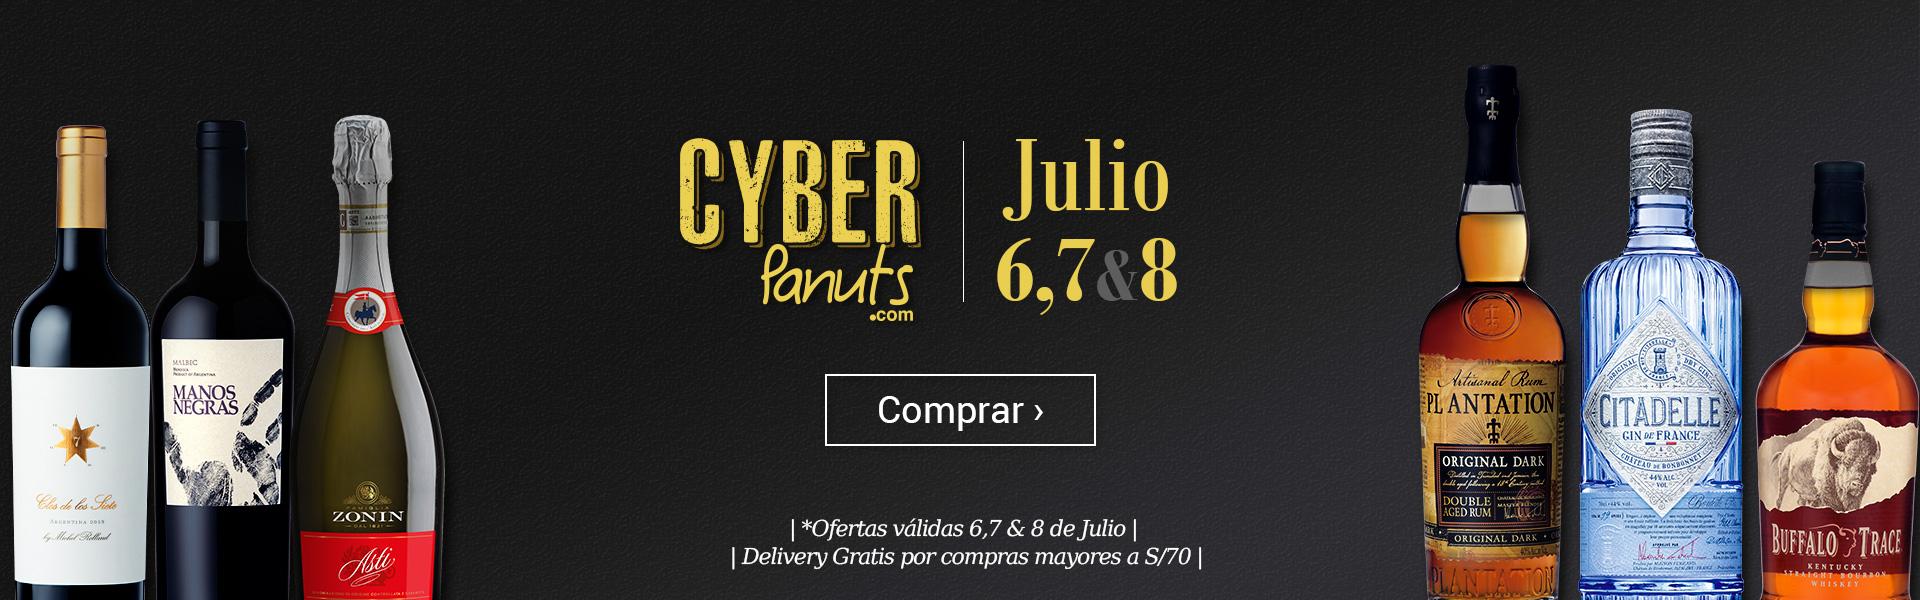 Cyber Julio